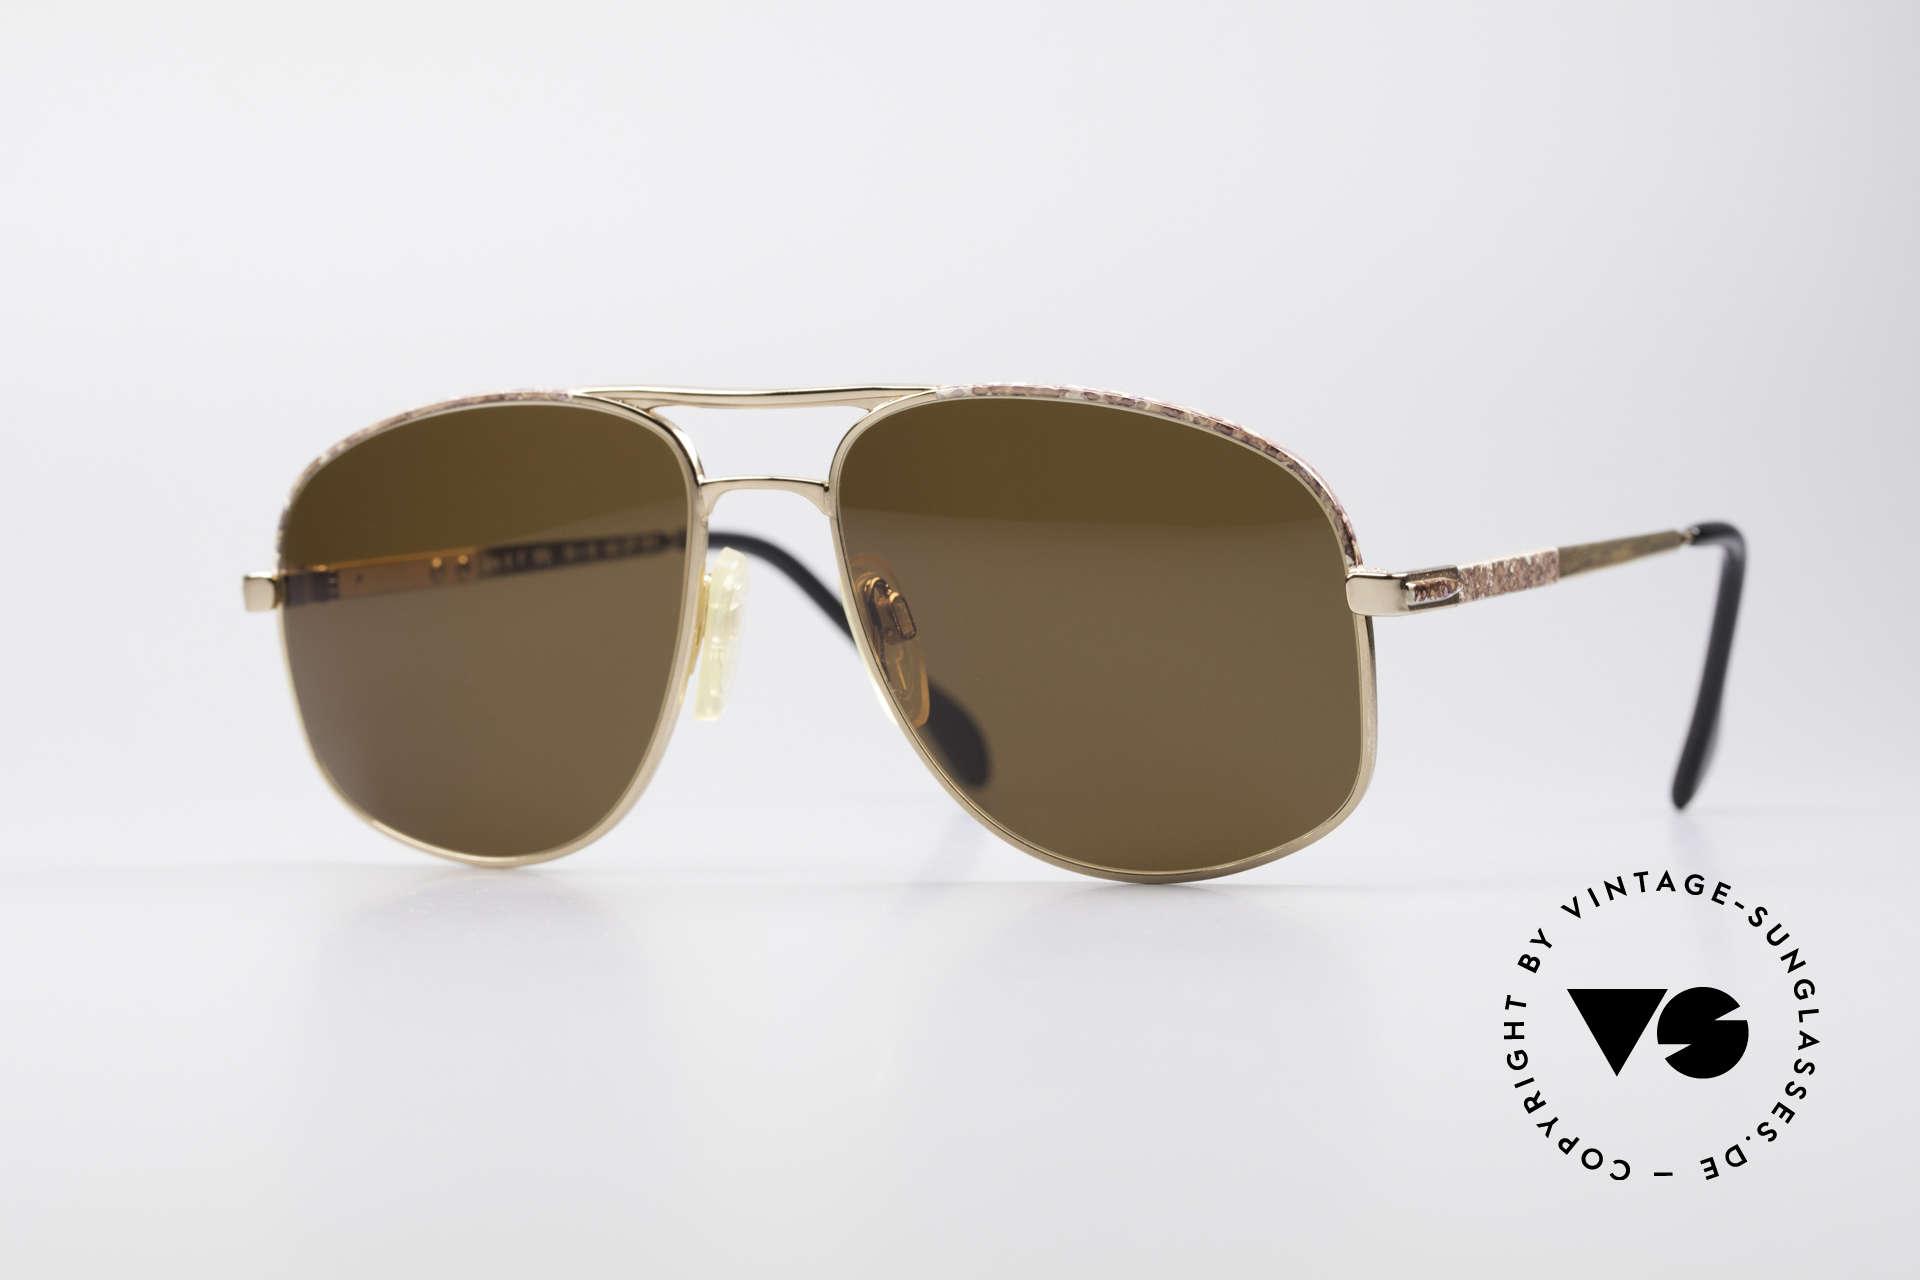 Zollitsch Cadre 8 18k Gold Plated Sonnenbrille, vintage GP Sonnenbrille von Zollitsch aus den 1980ern, Passend für Herren